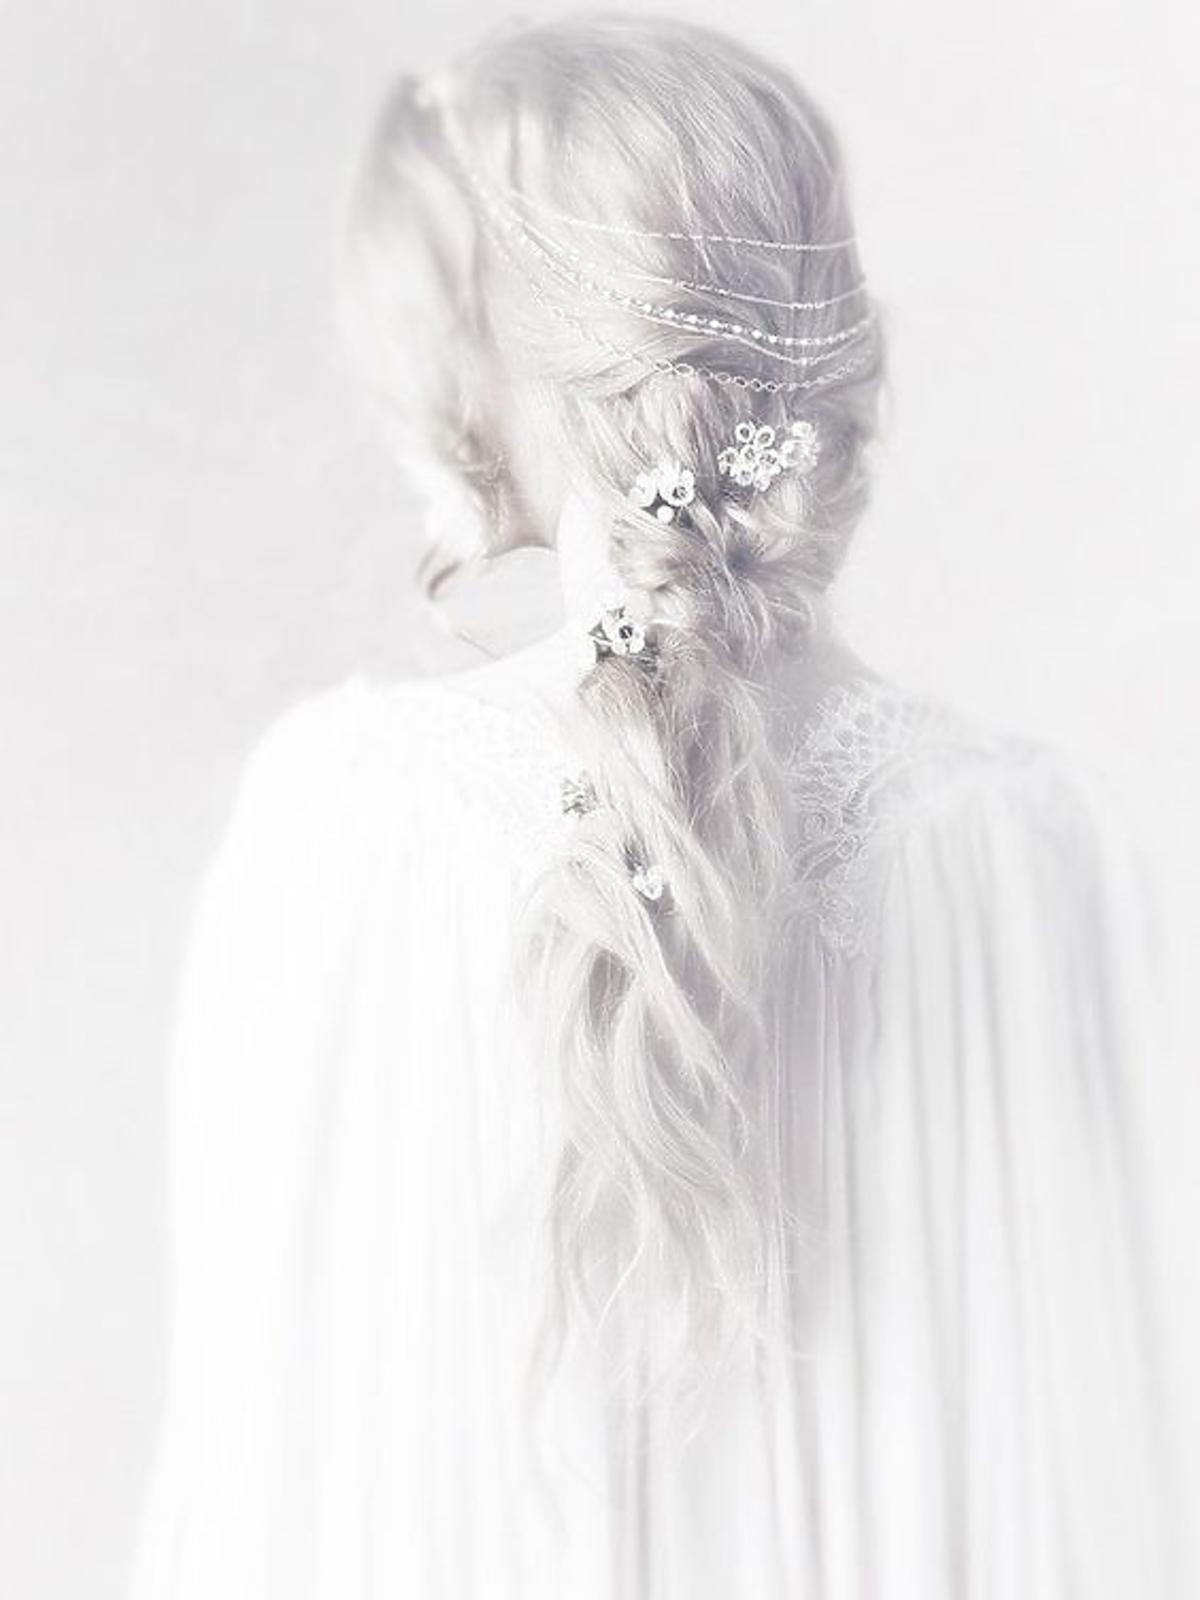 Winter hair, czyli zimowe włosy